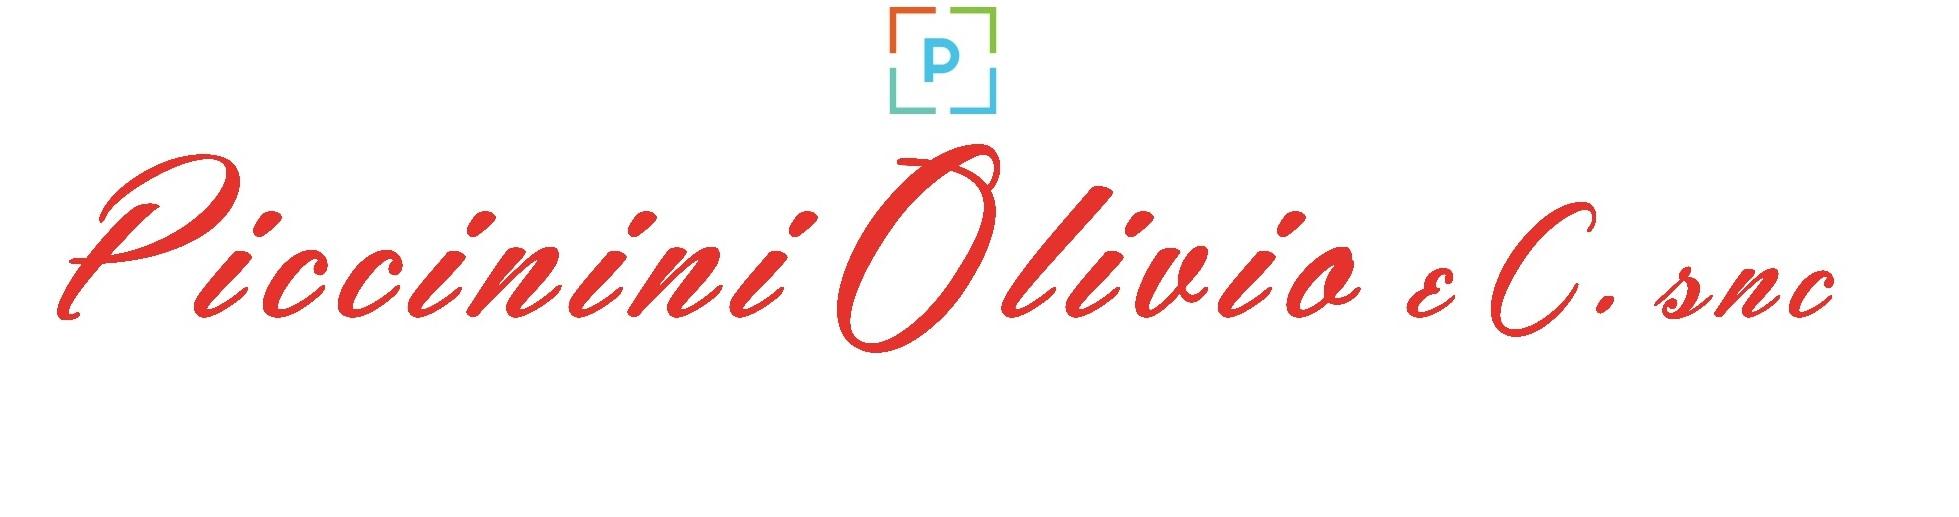 Piccinini olivio C s.n.c